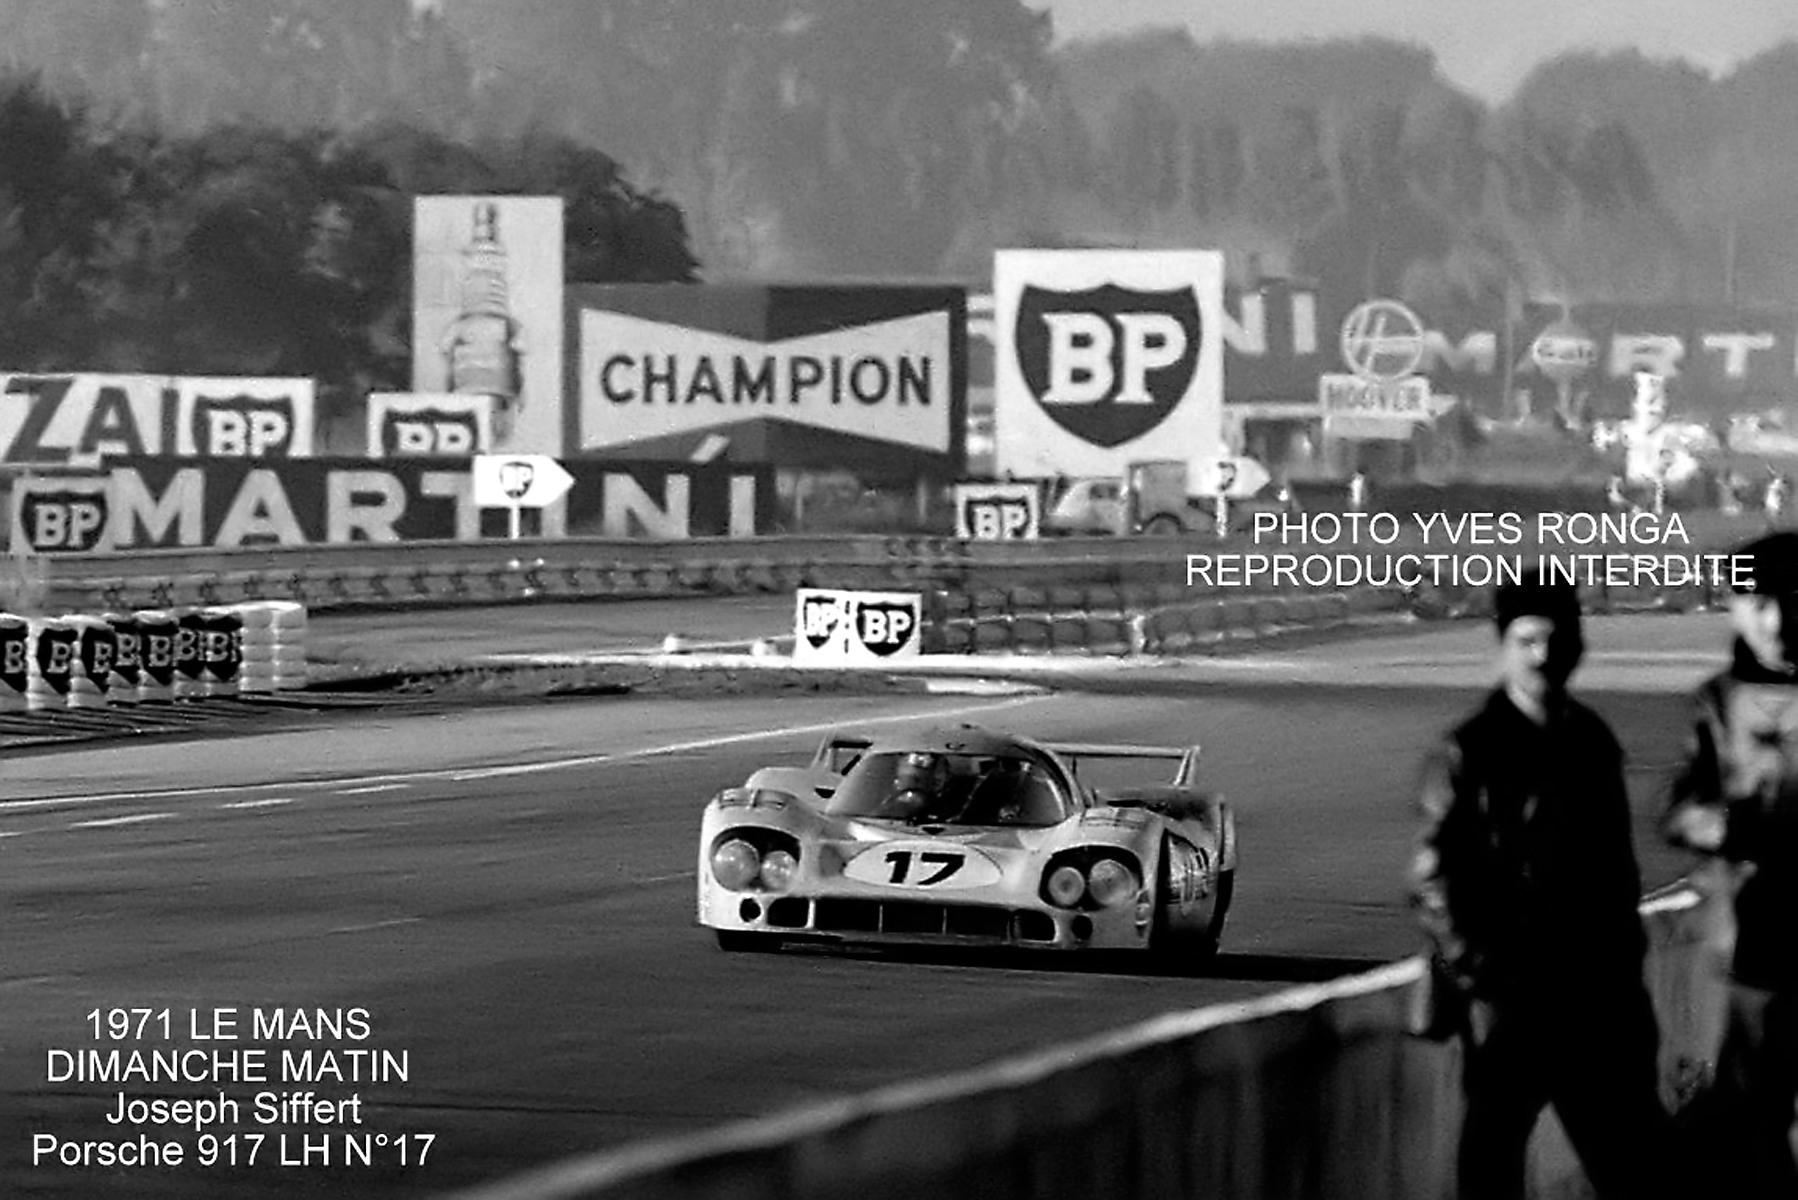 Porsche 917L-045 le mans 1971.